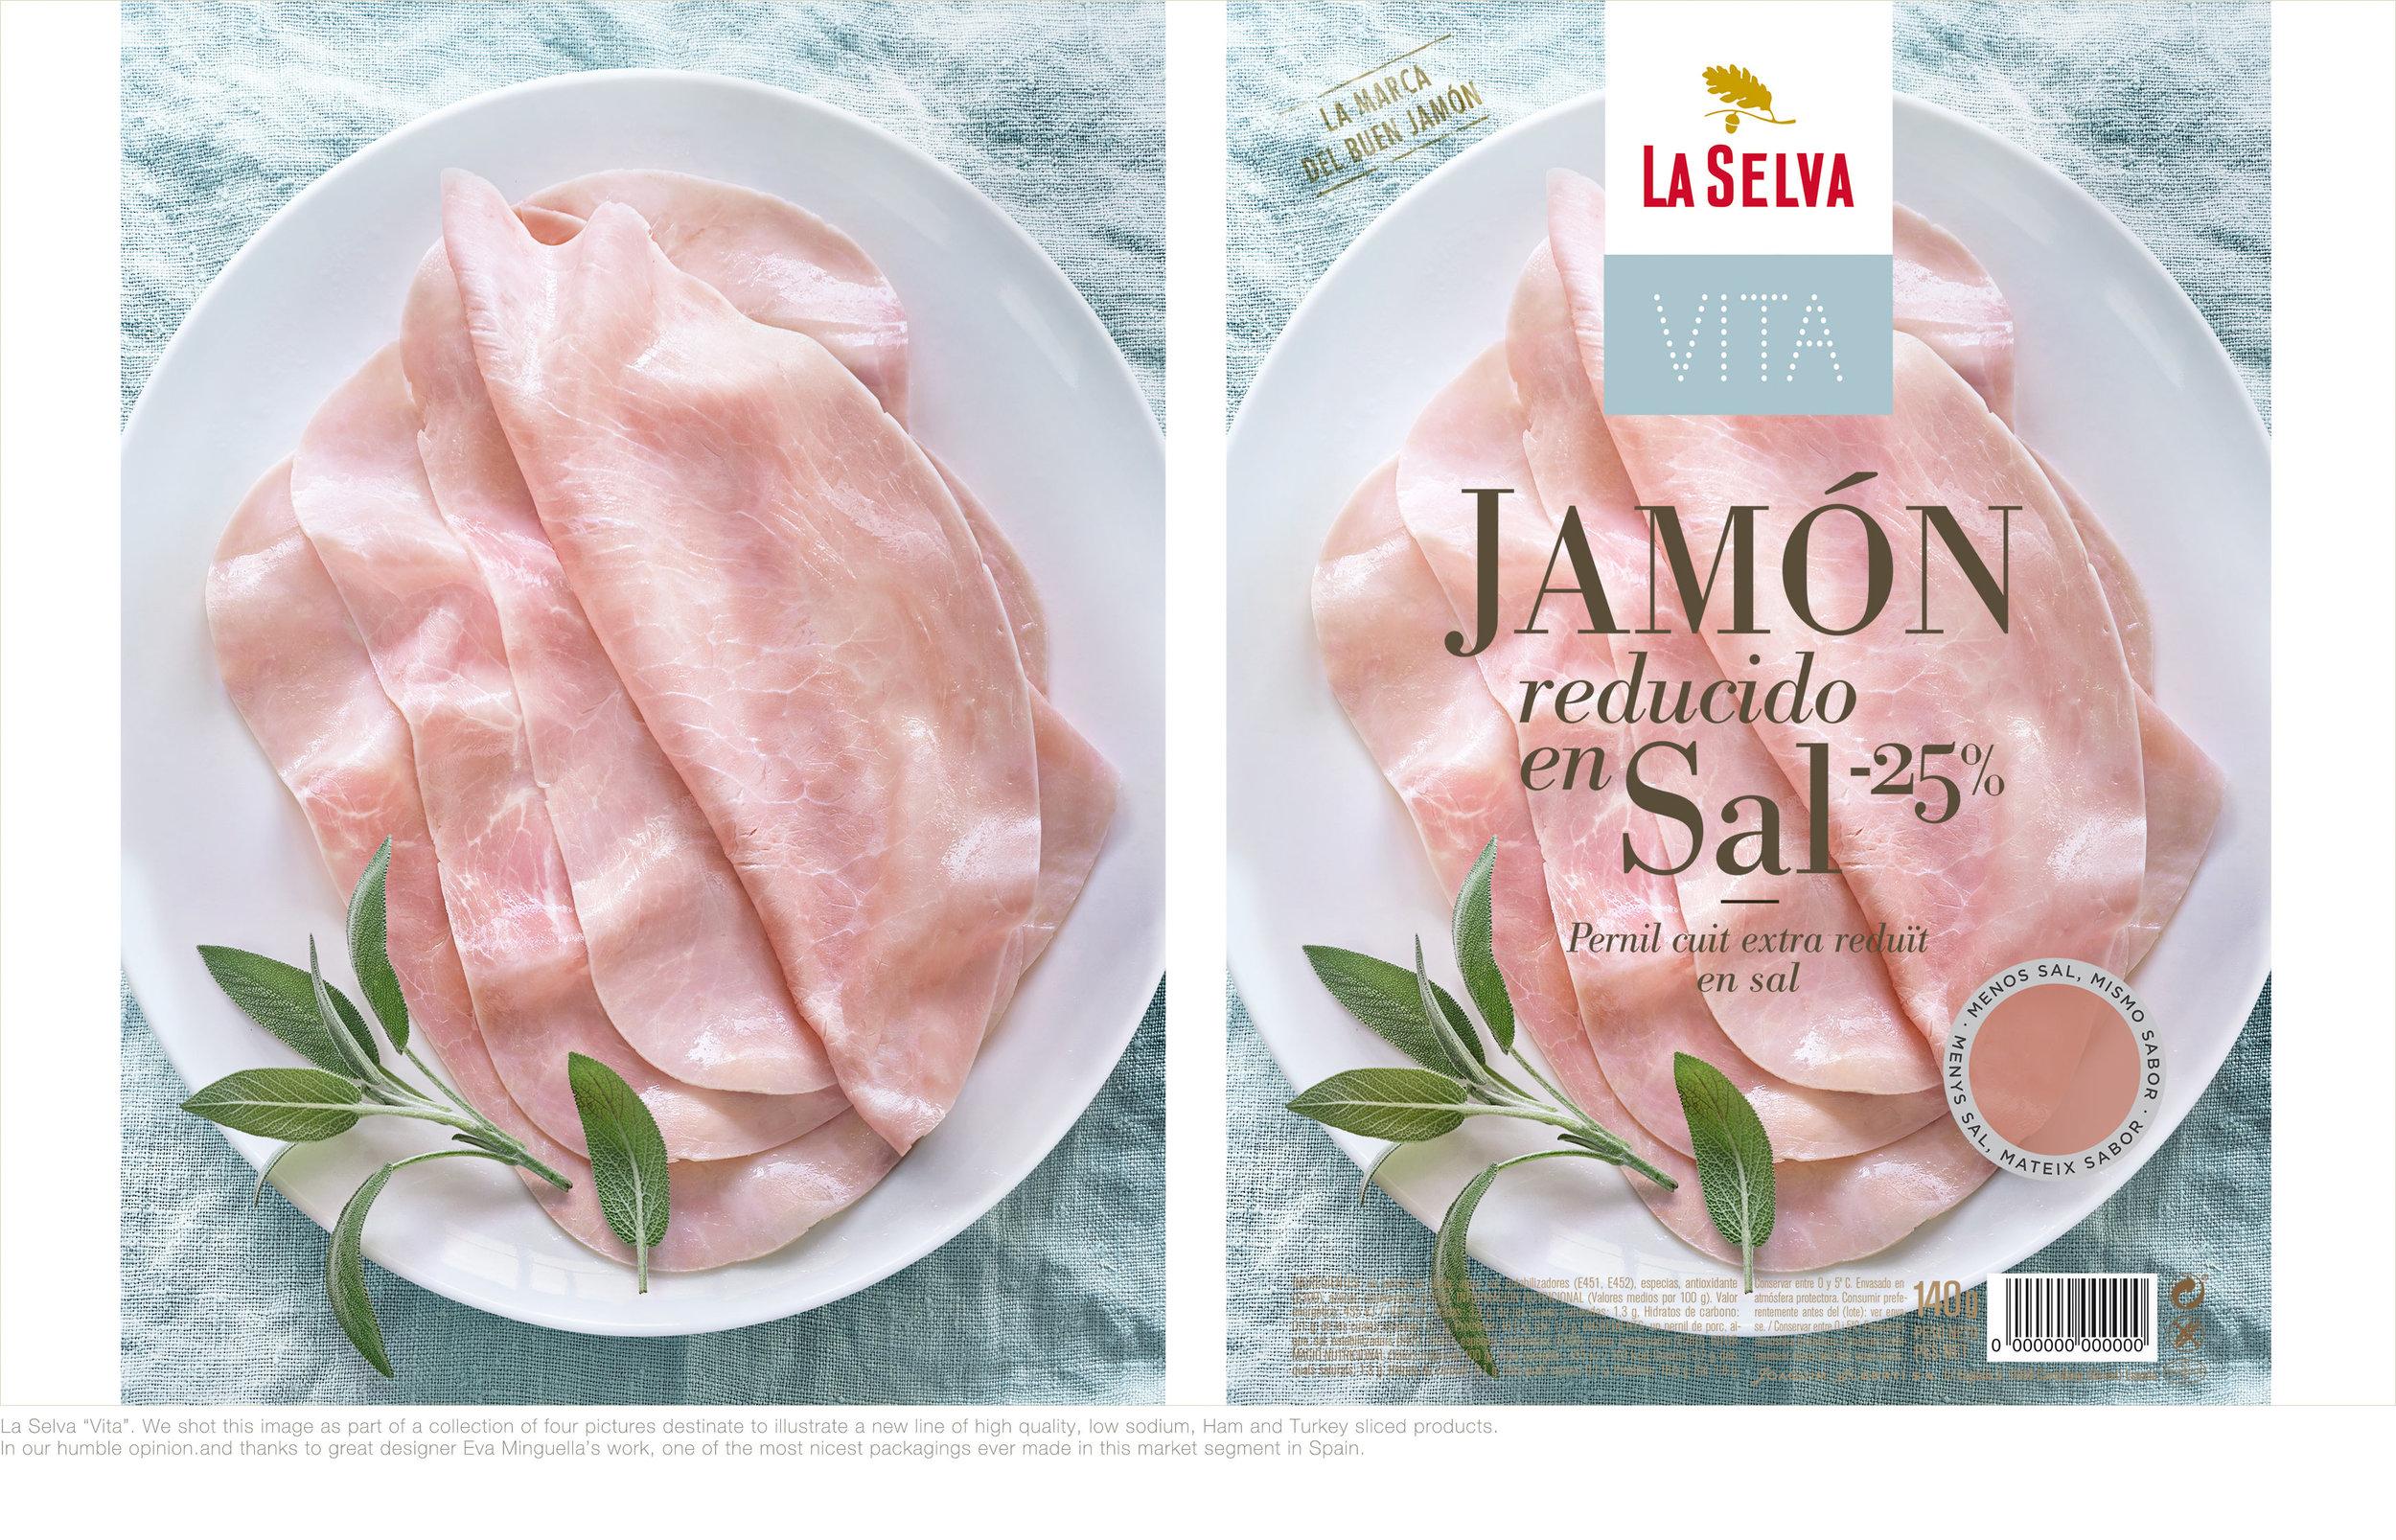 1625c-LaSelva-Vita-Pack-Jamon-v02.jpg